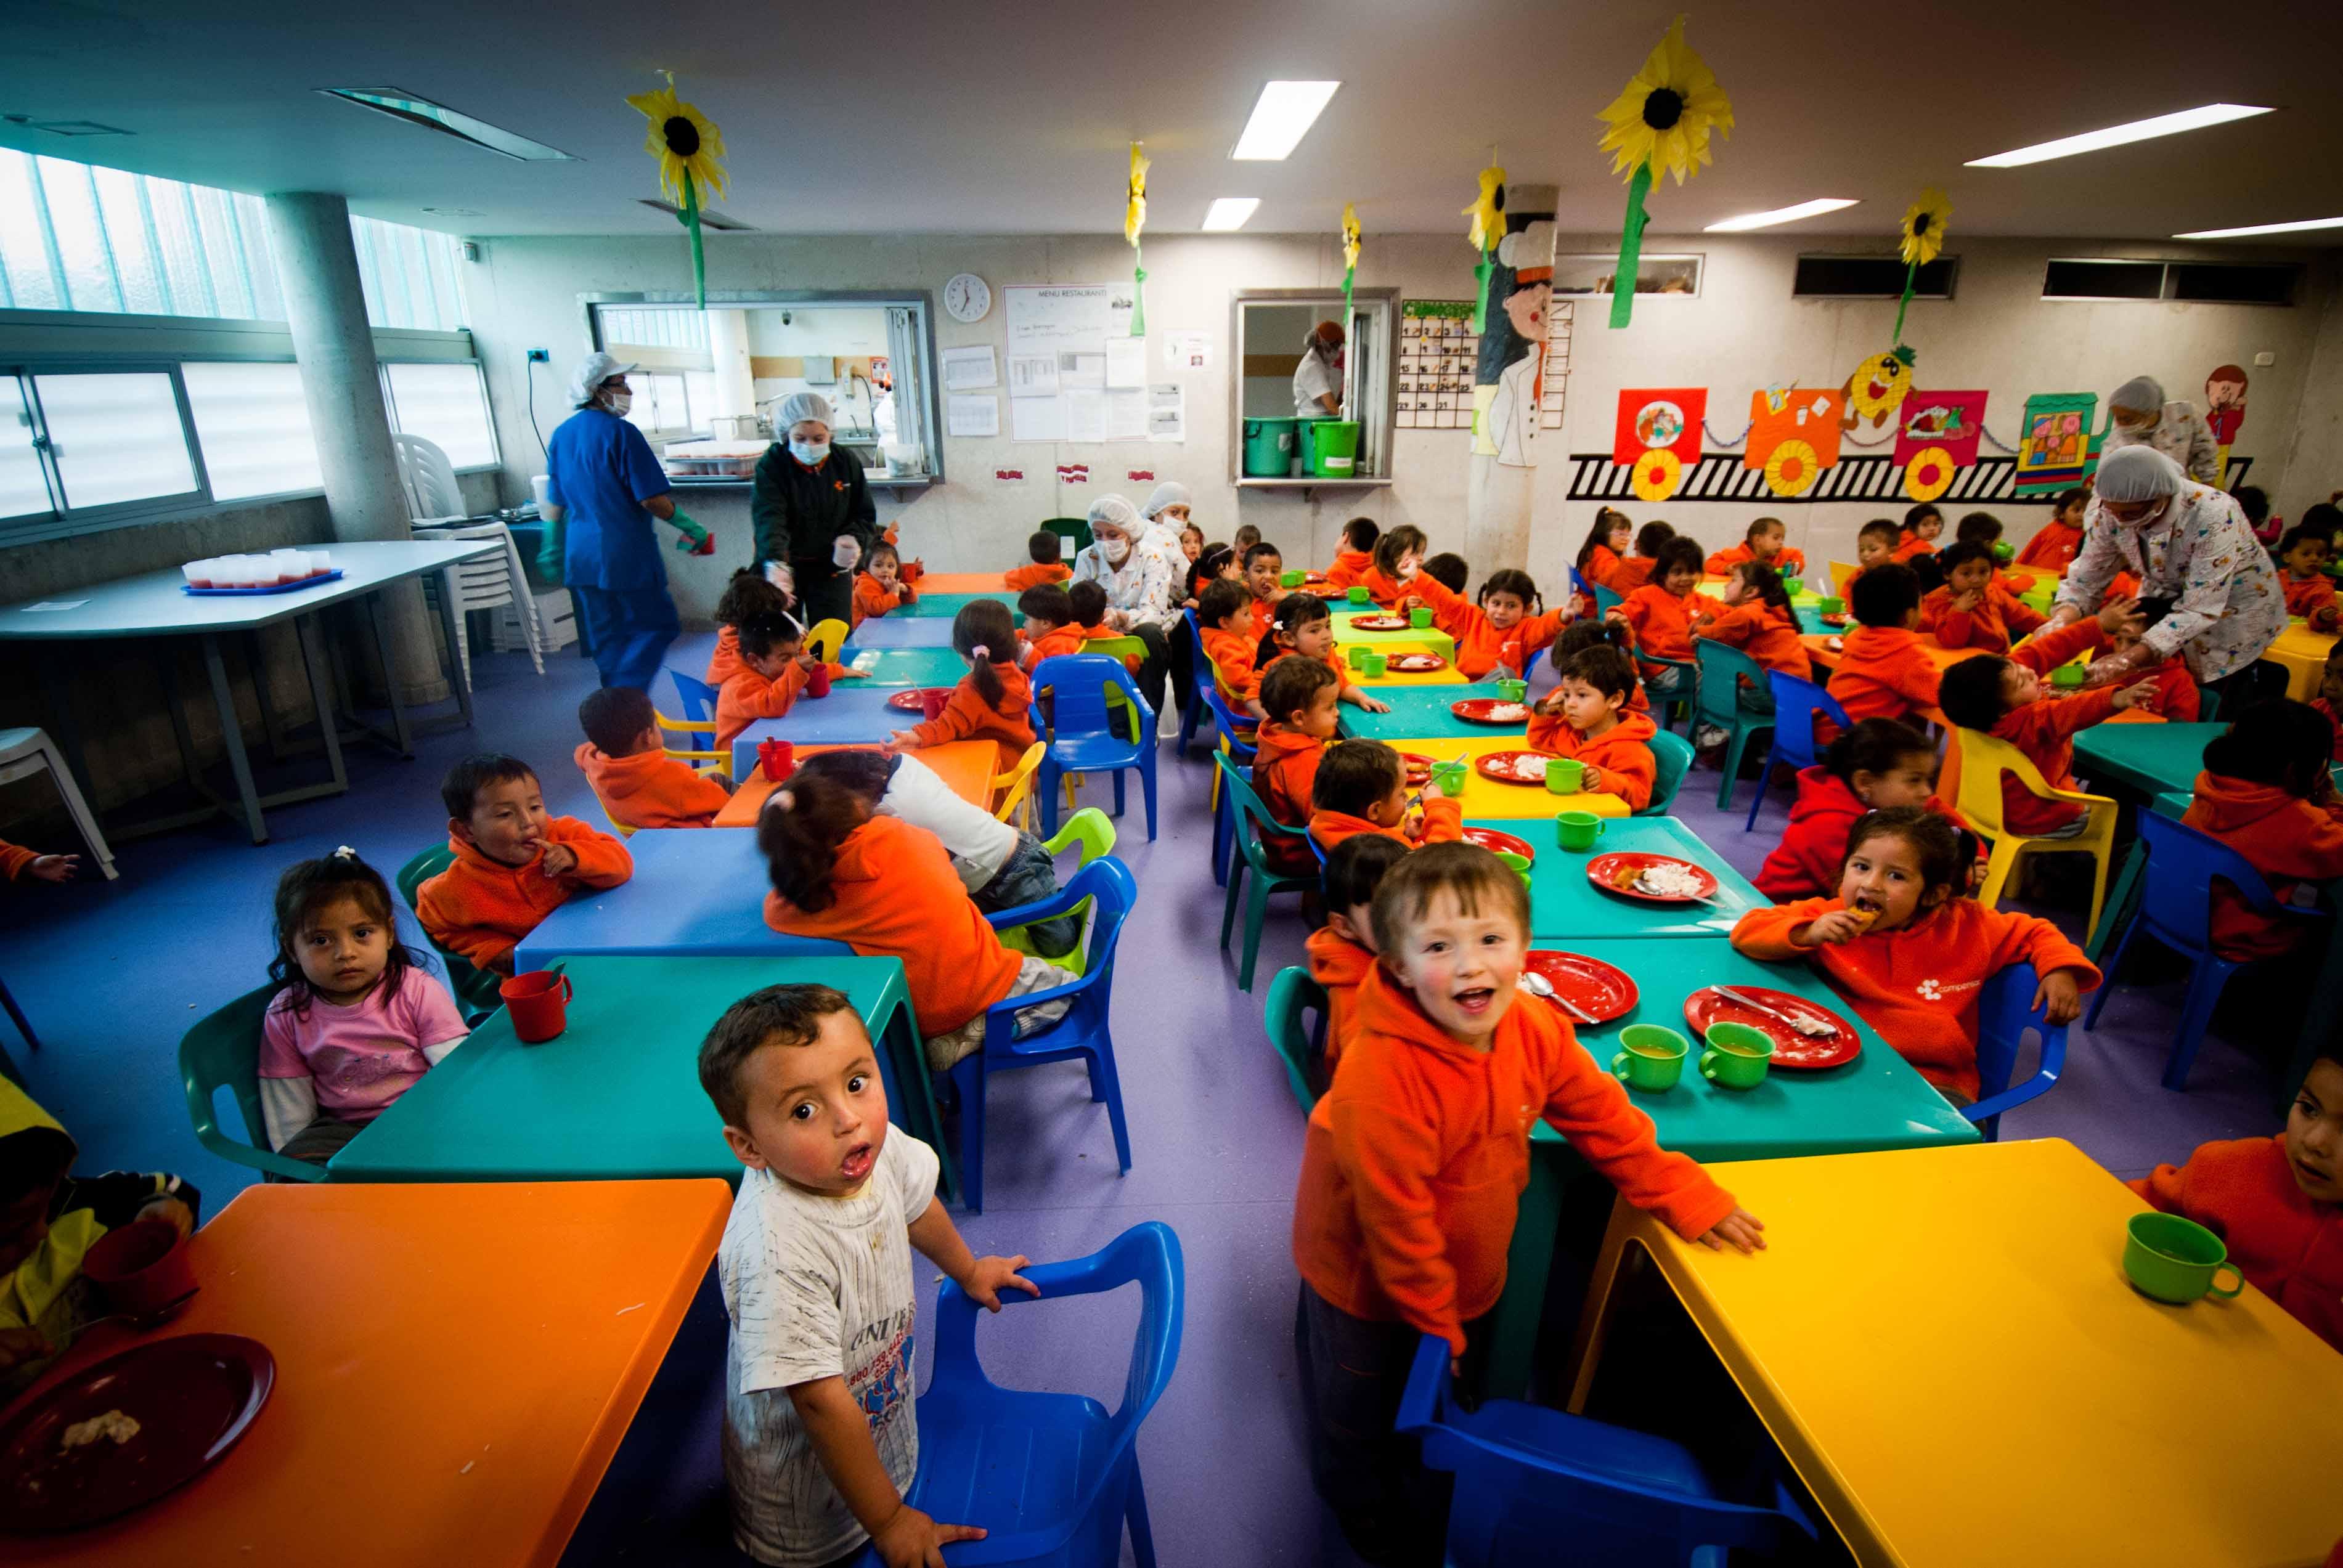 Poradnik o edukacji w Hiszpanii